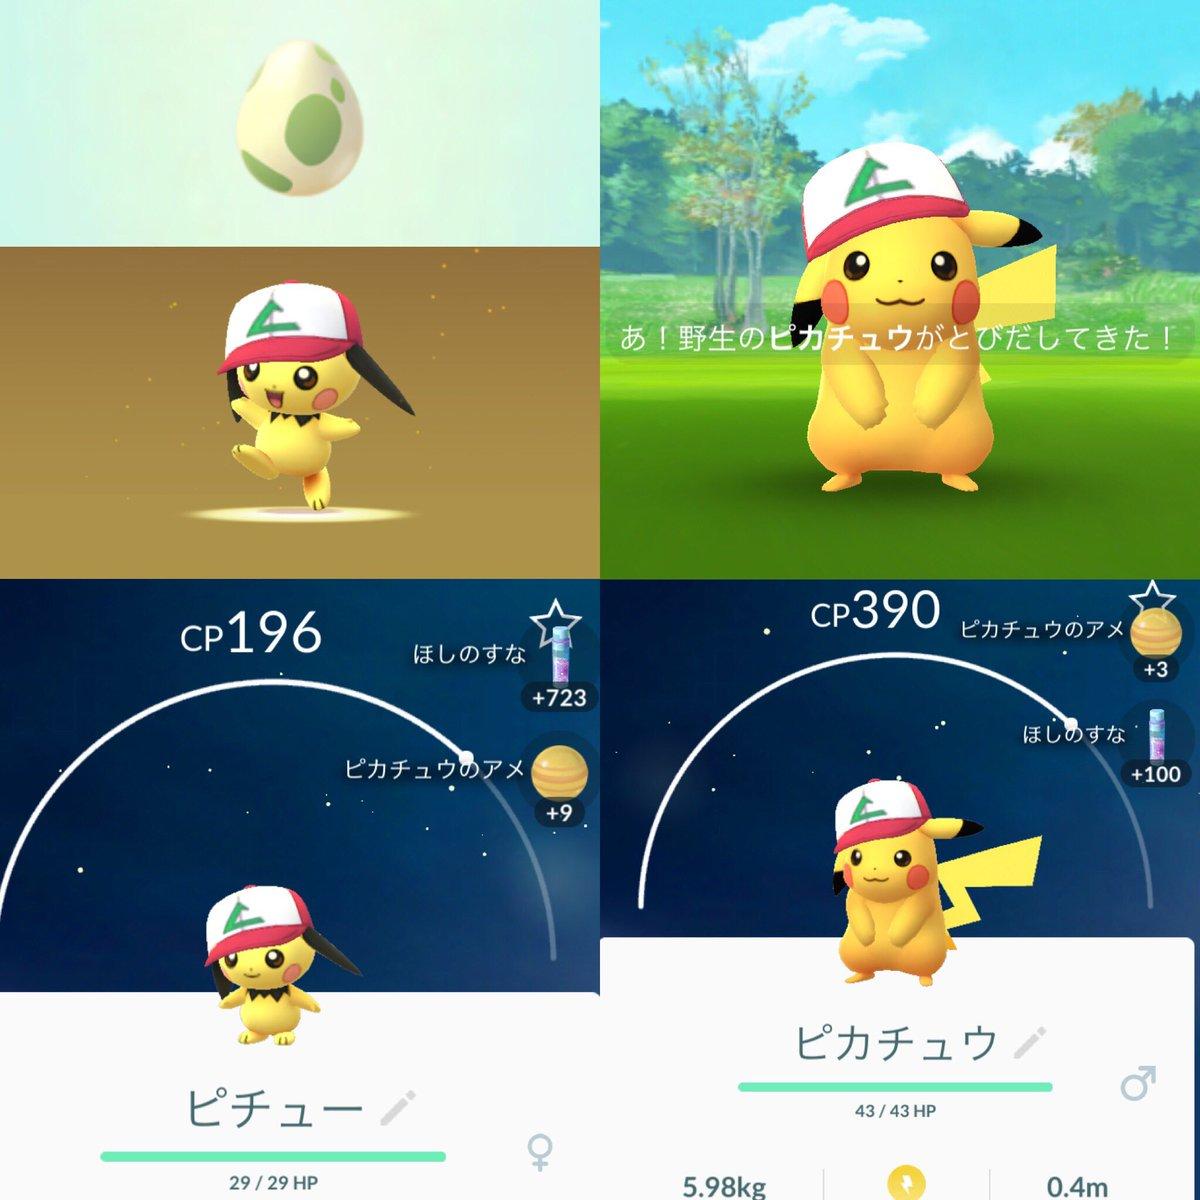 """yumi0115 on twitter: """"ポケモンgoのピカチュウイベント サトシ帽子の"""